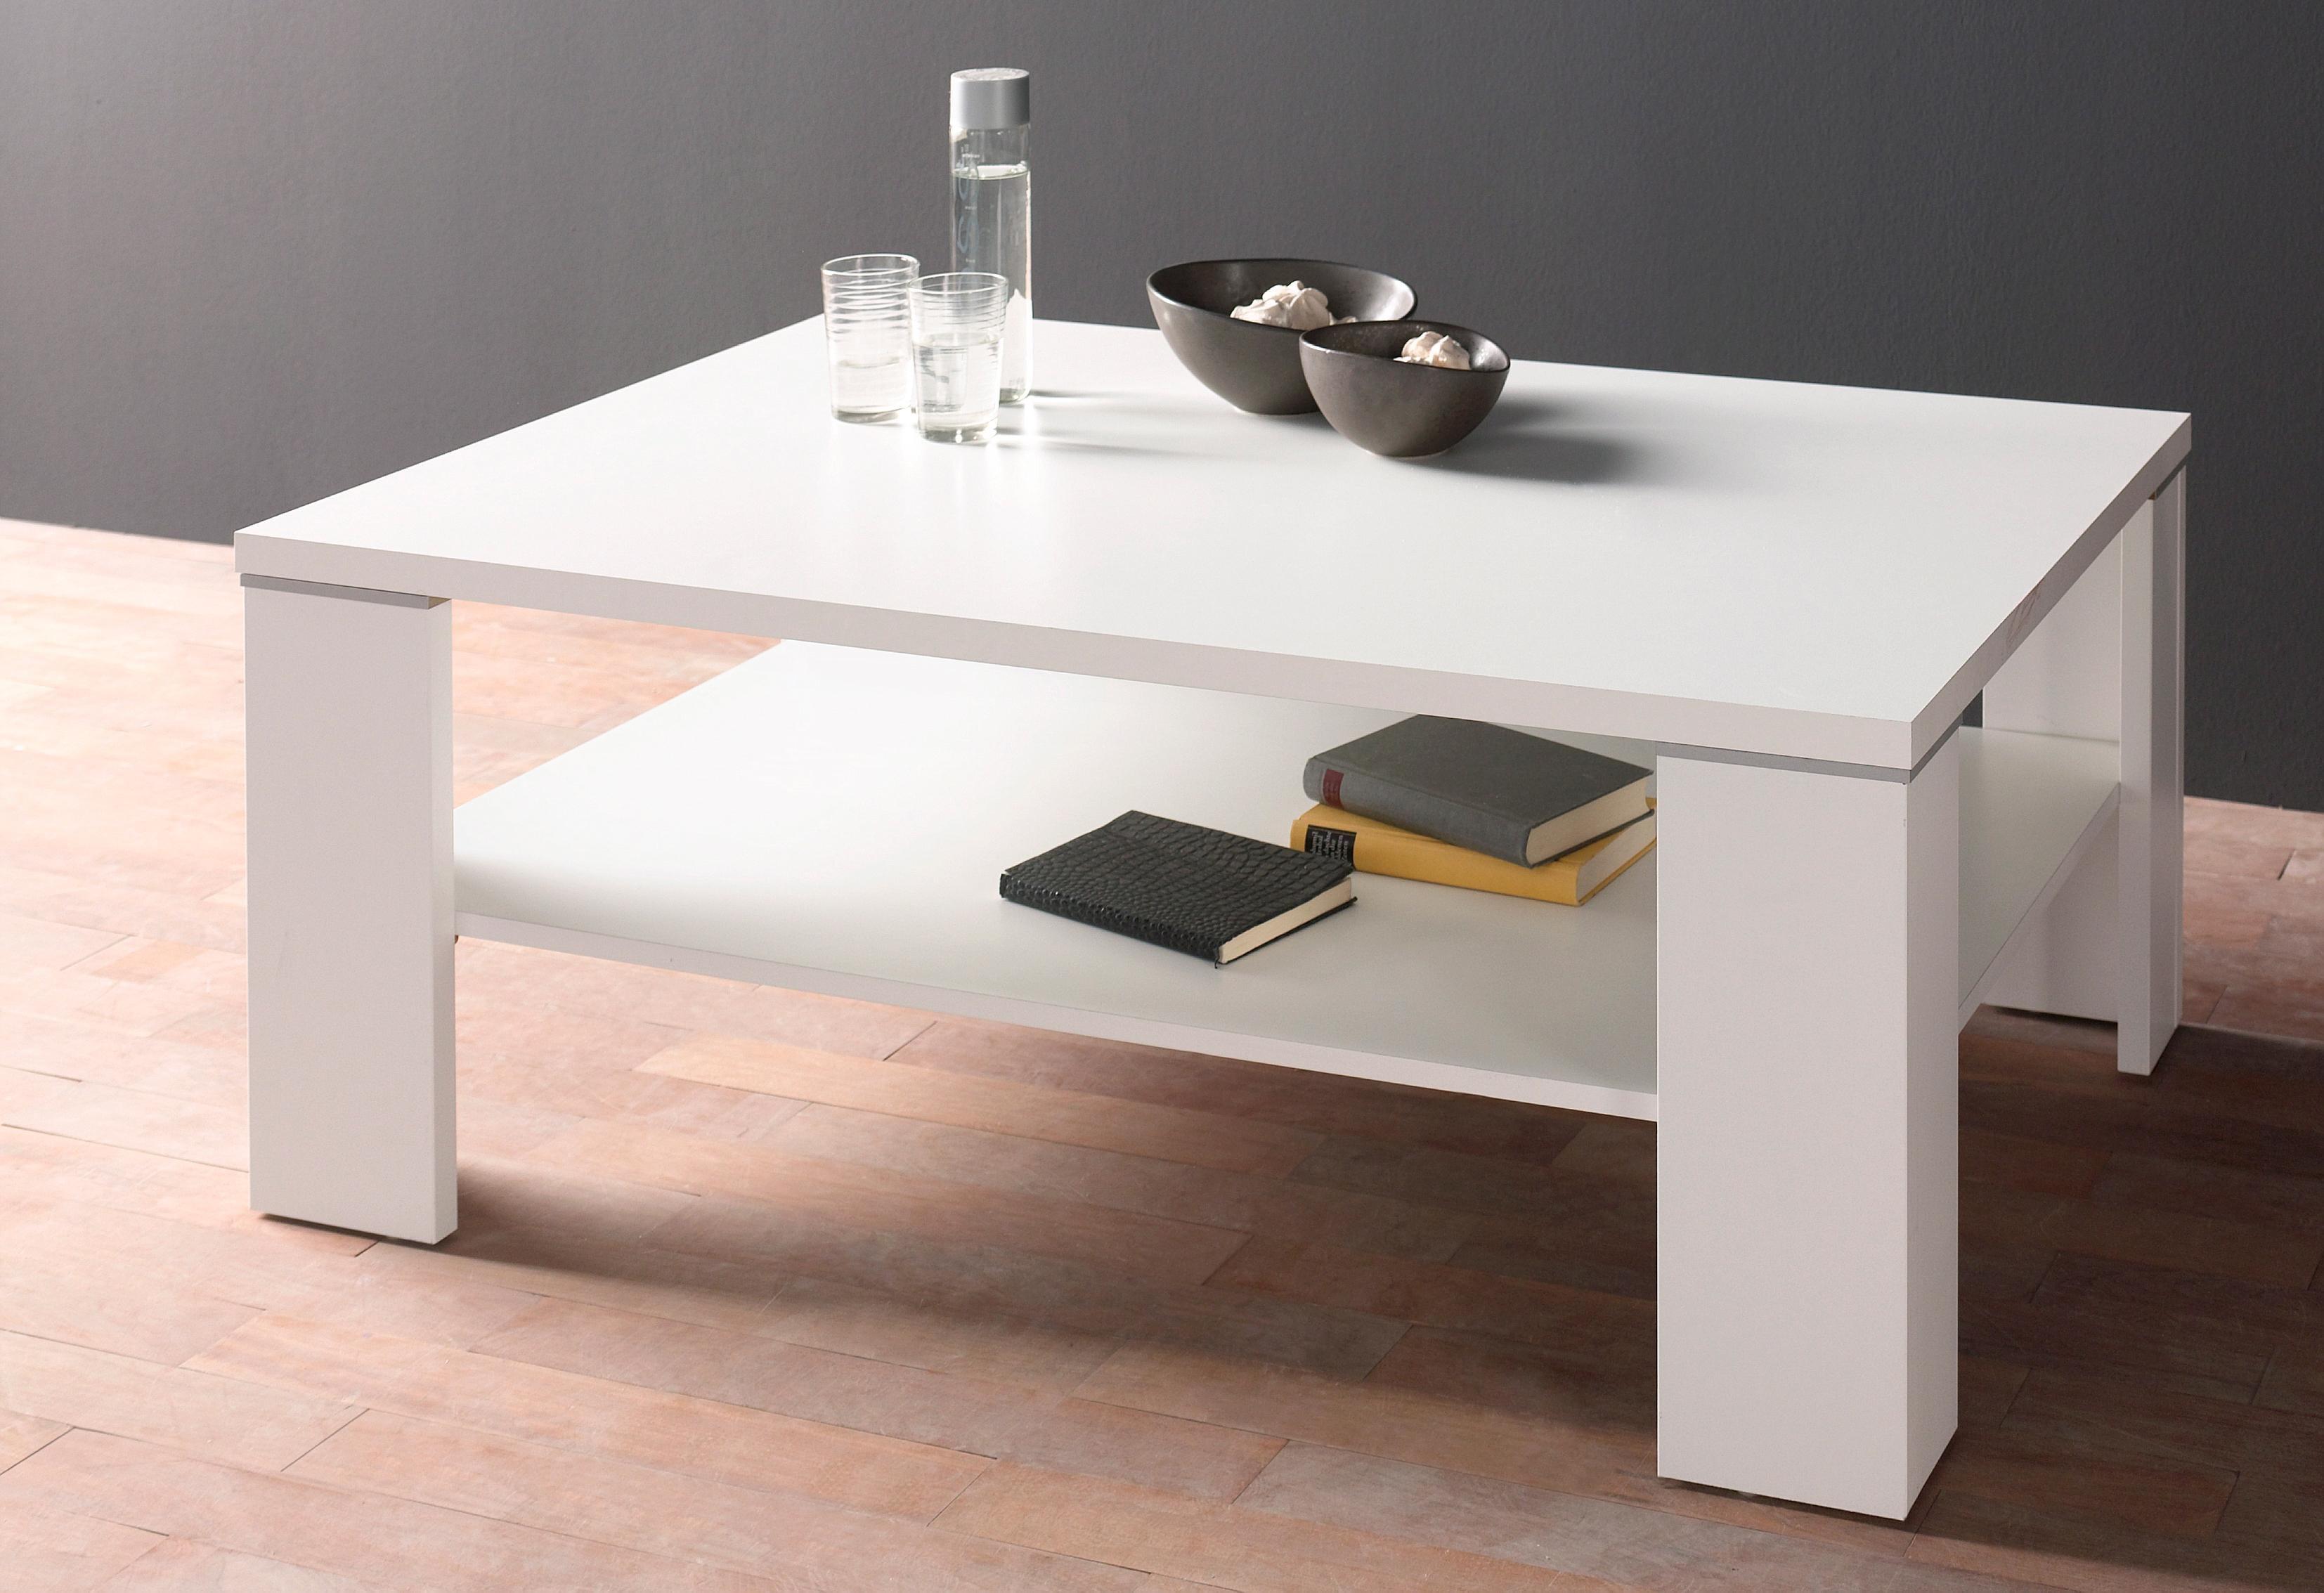 couchtische rechteckig preisvergleich die besten angebote online kaufen. Black Bedroom Furniture Sets. Home Design Ideas